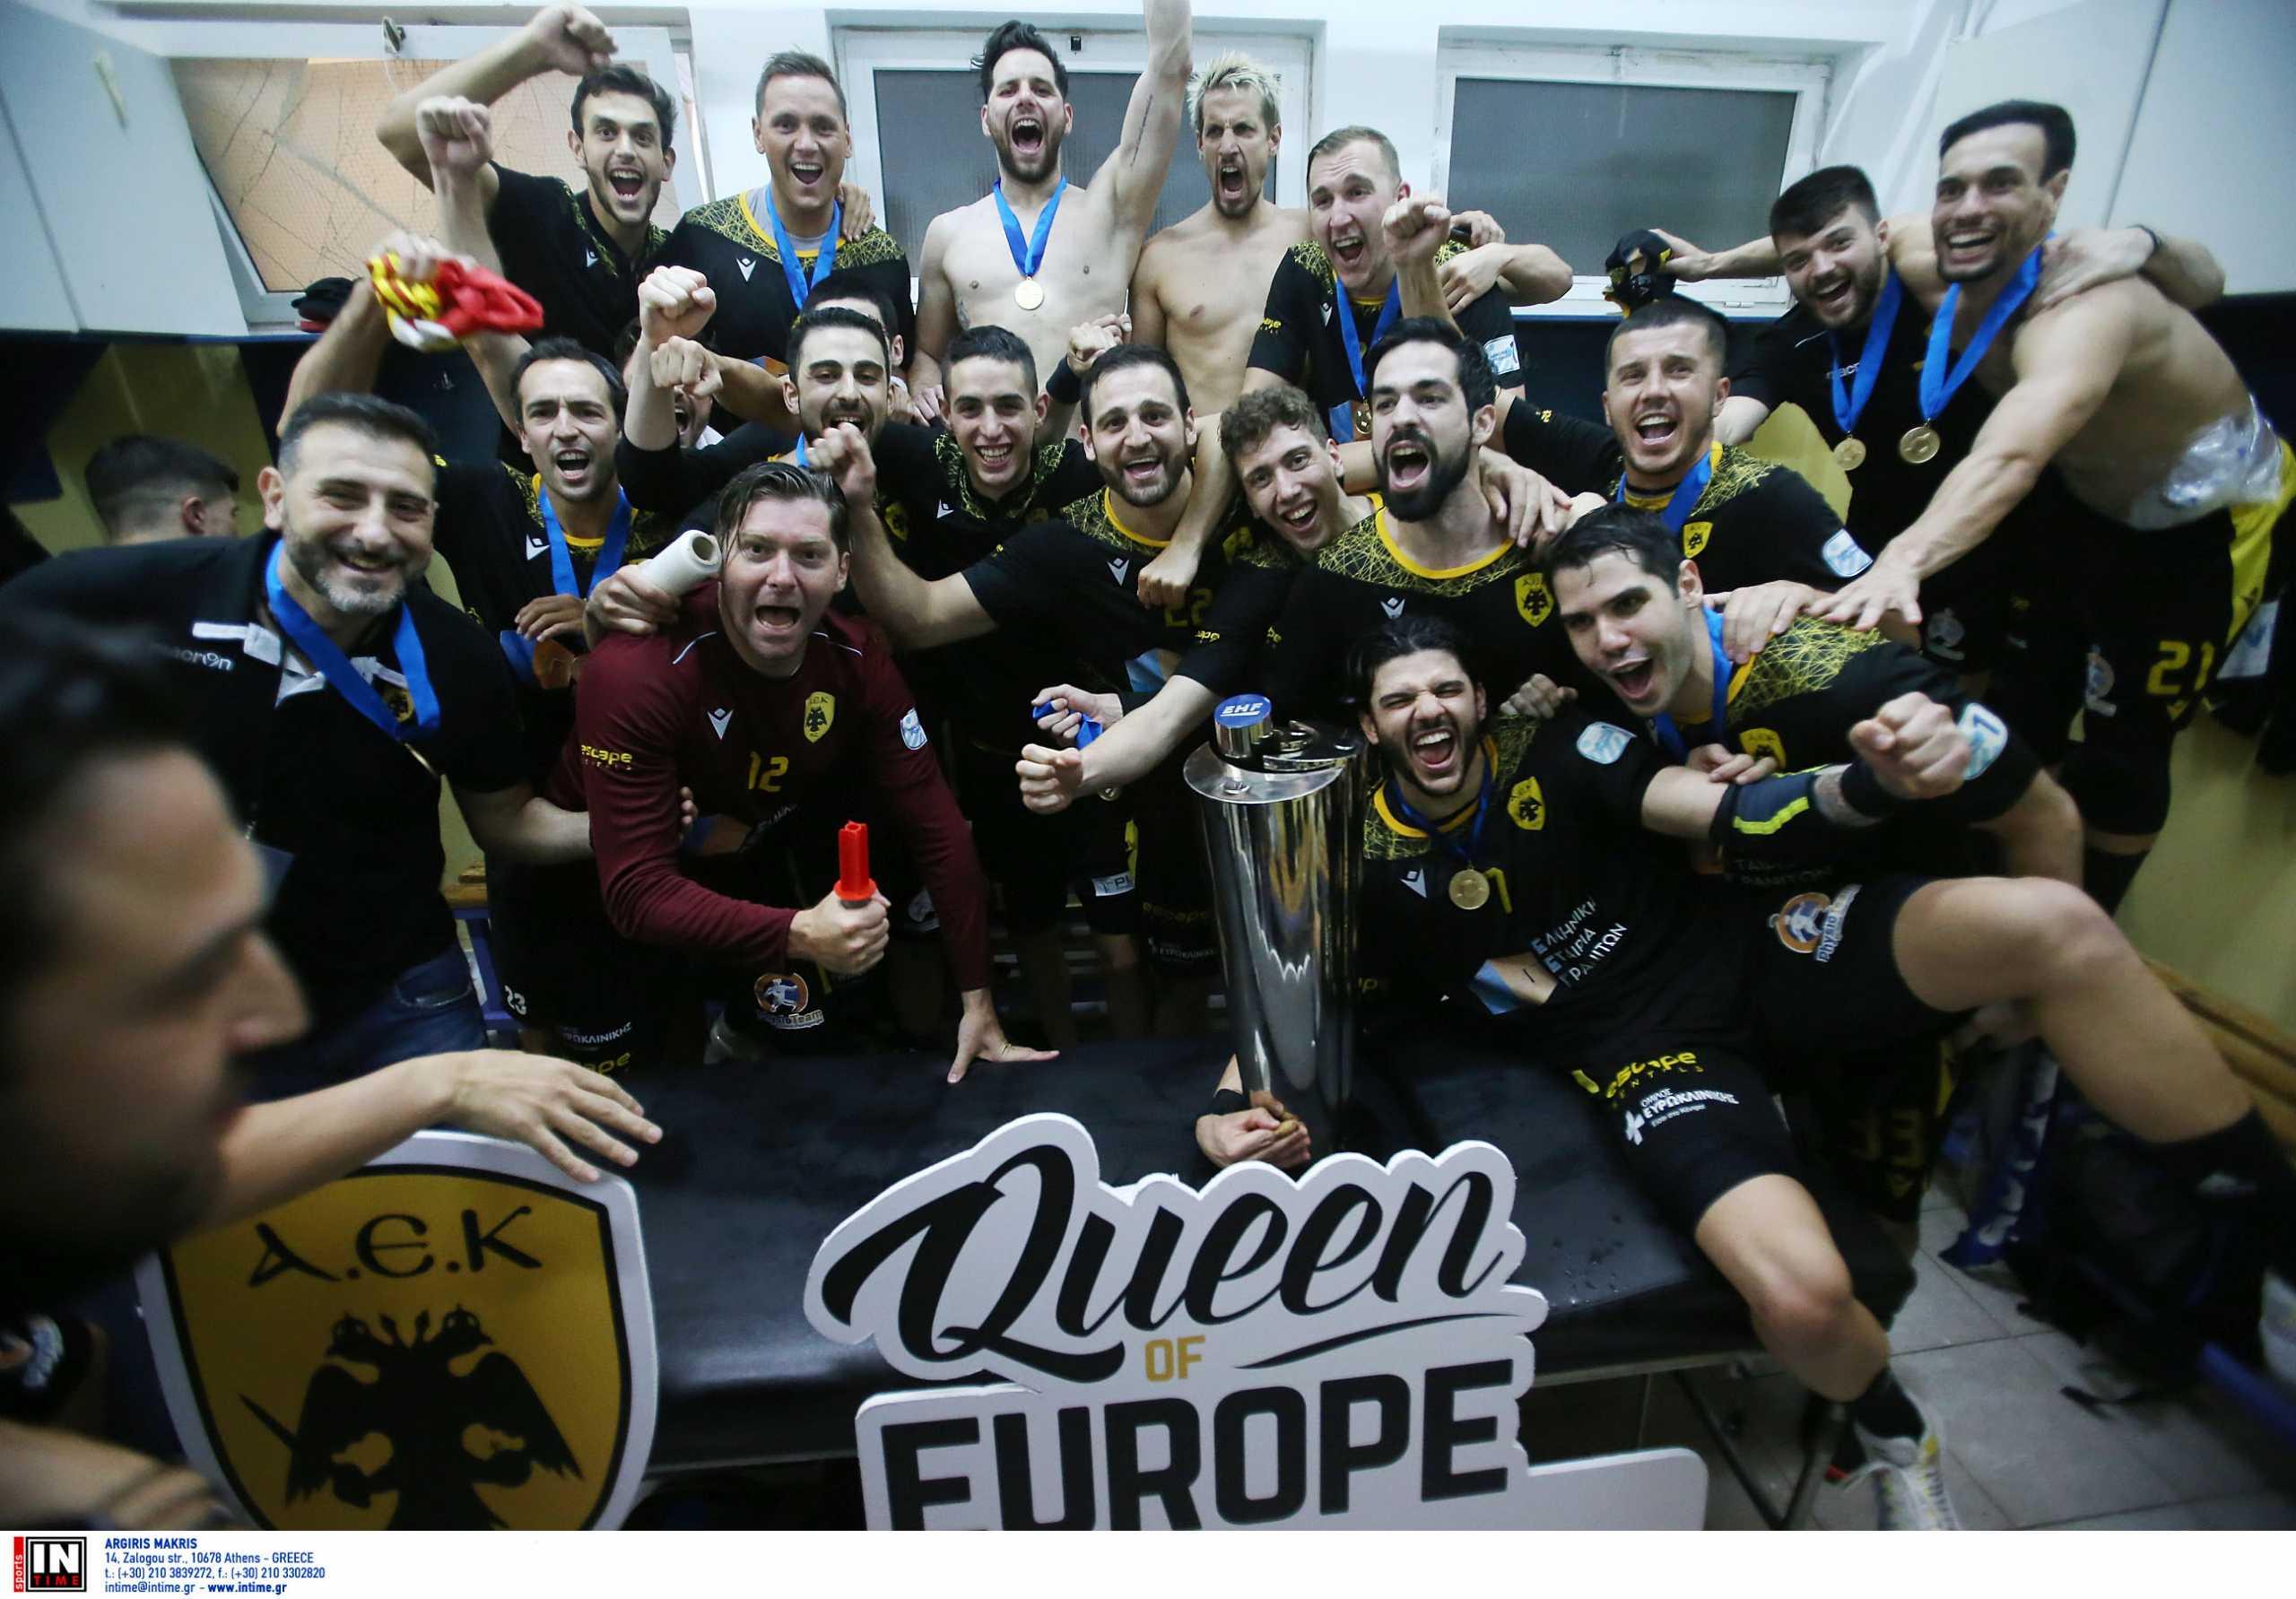 ΑΕΚ: Κατέκτησε την Ευρώπη στο χάντμπολ κι έγραψε ιστορία η Ένωση